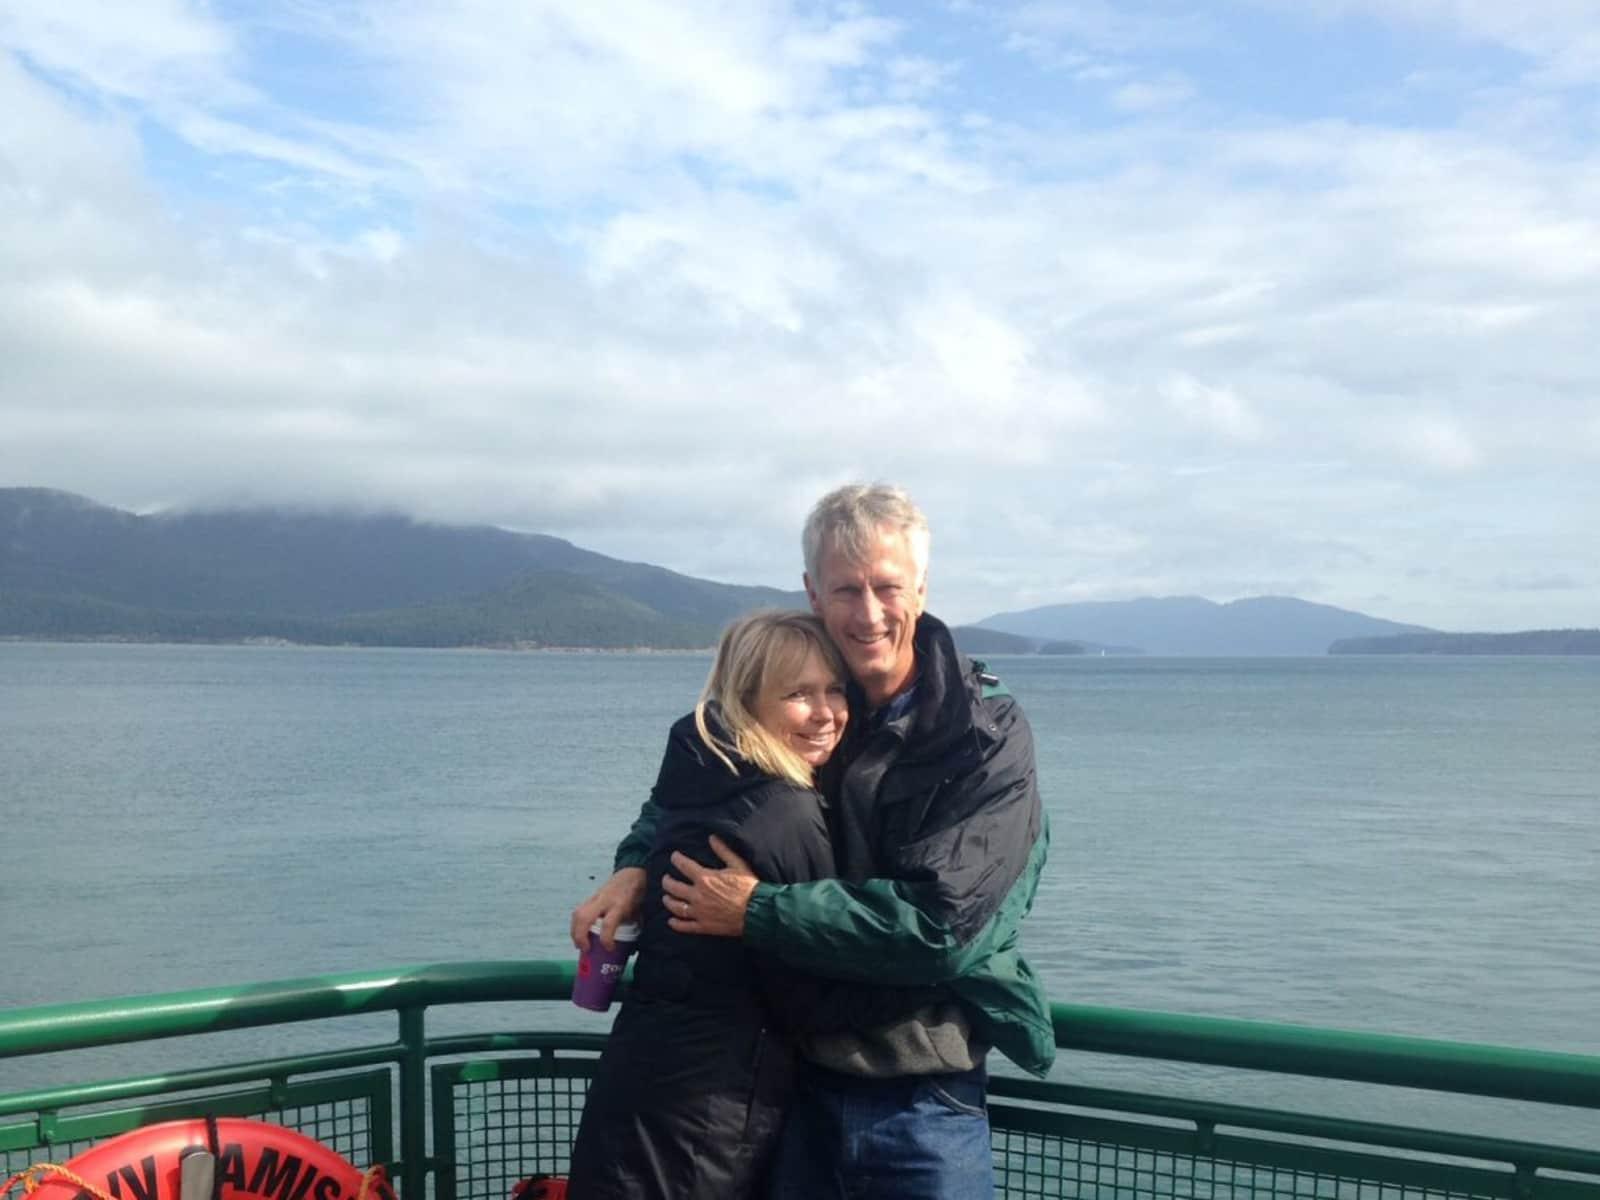 Shelley & David from Seattle, Washington, United States